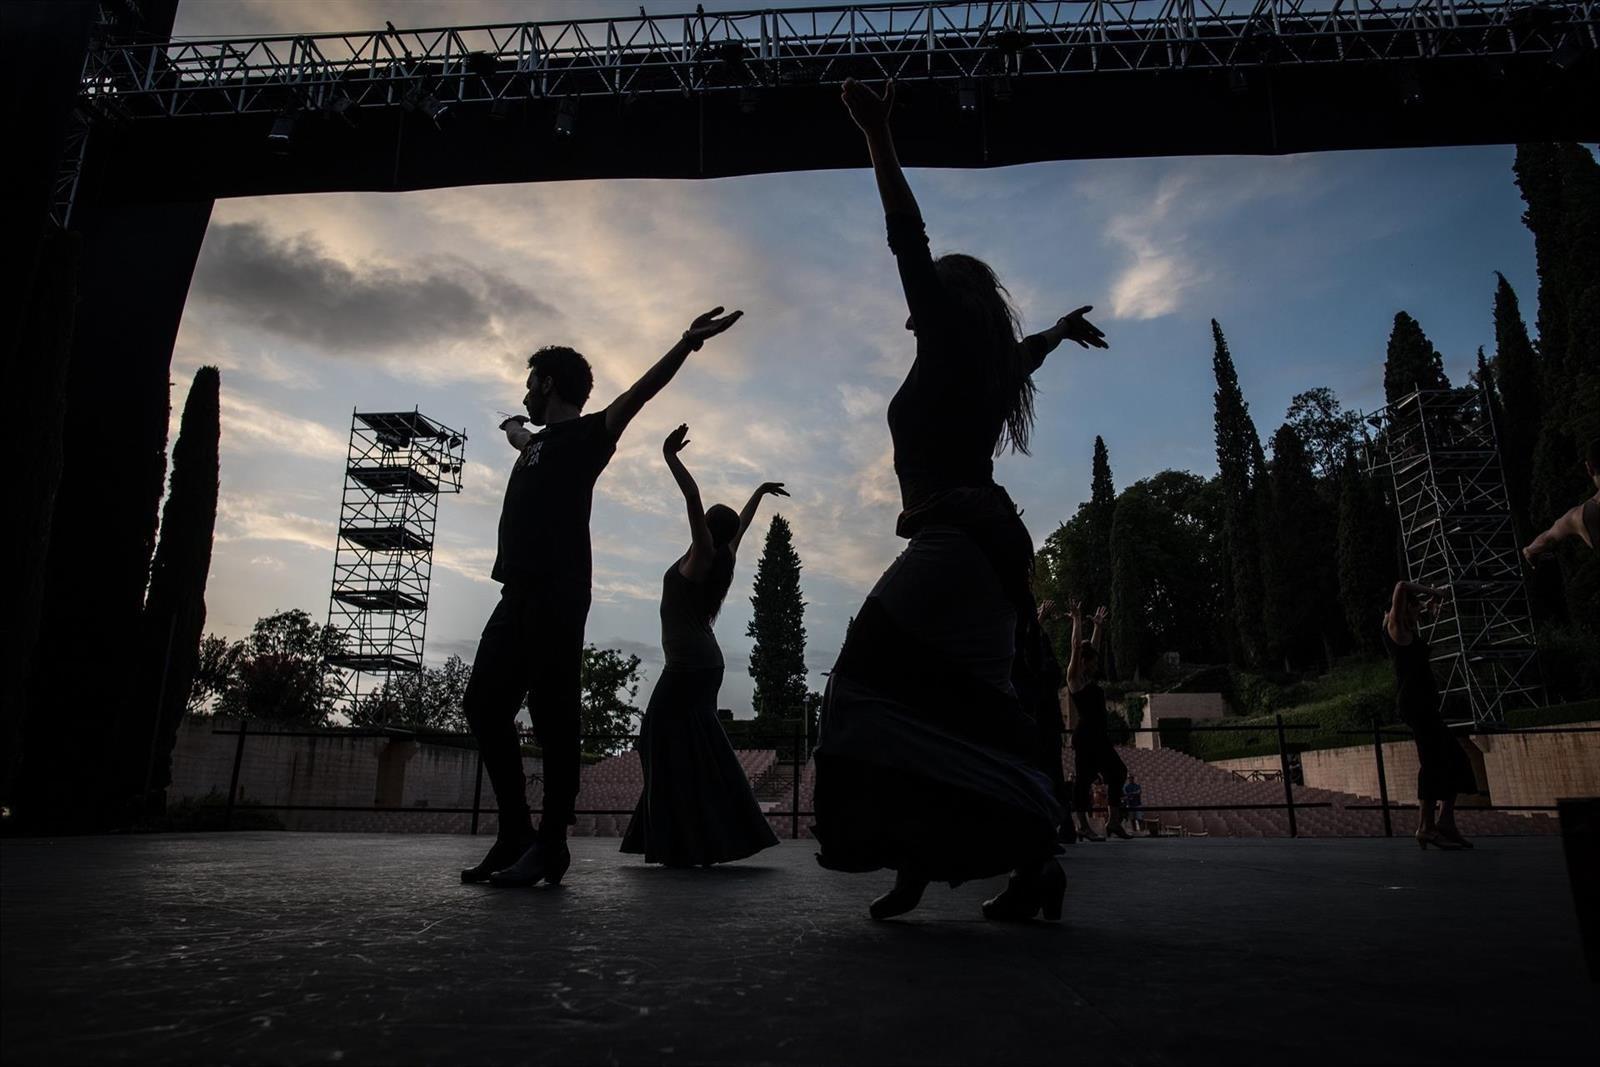 El espectáculo 'Lorca y la pasión' de Marina Heredia se estrena en el Teatro del Generalife